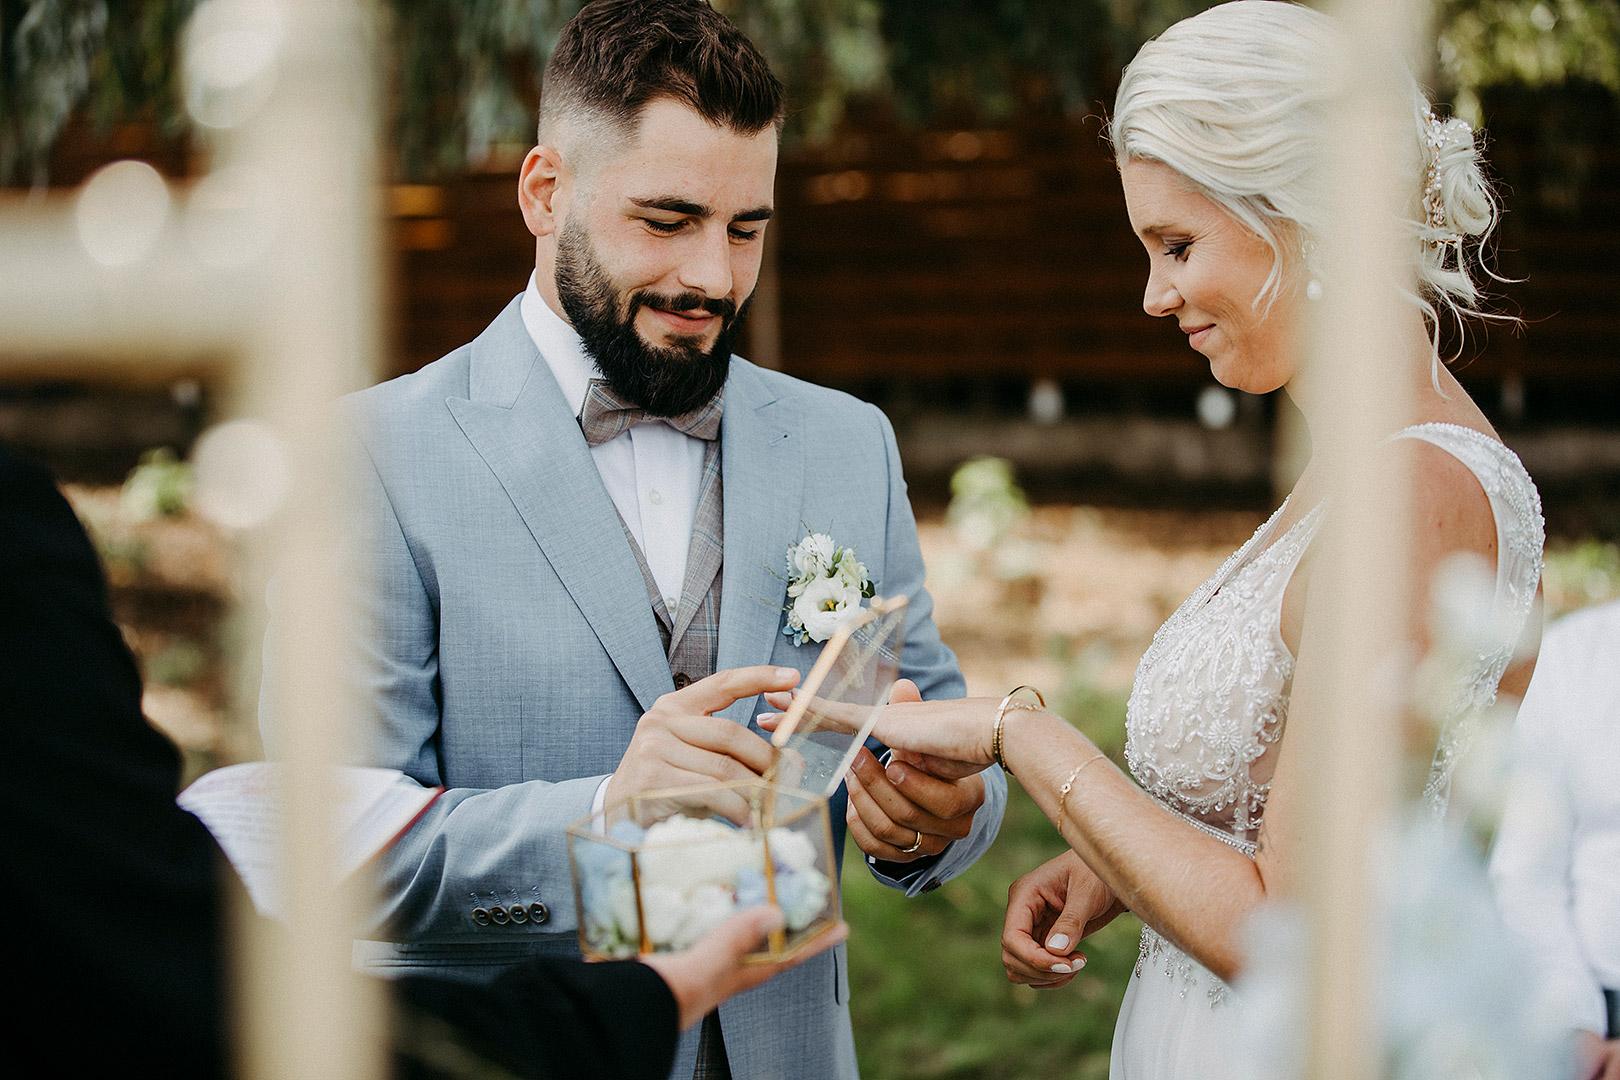 portrait_wedding_seeliebe_birkensee_27